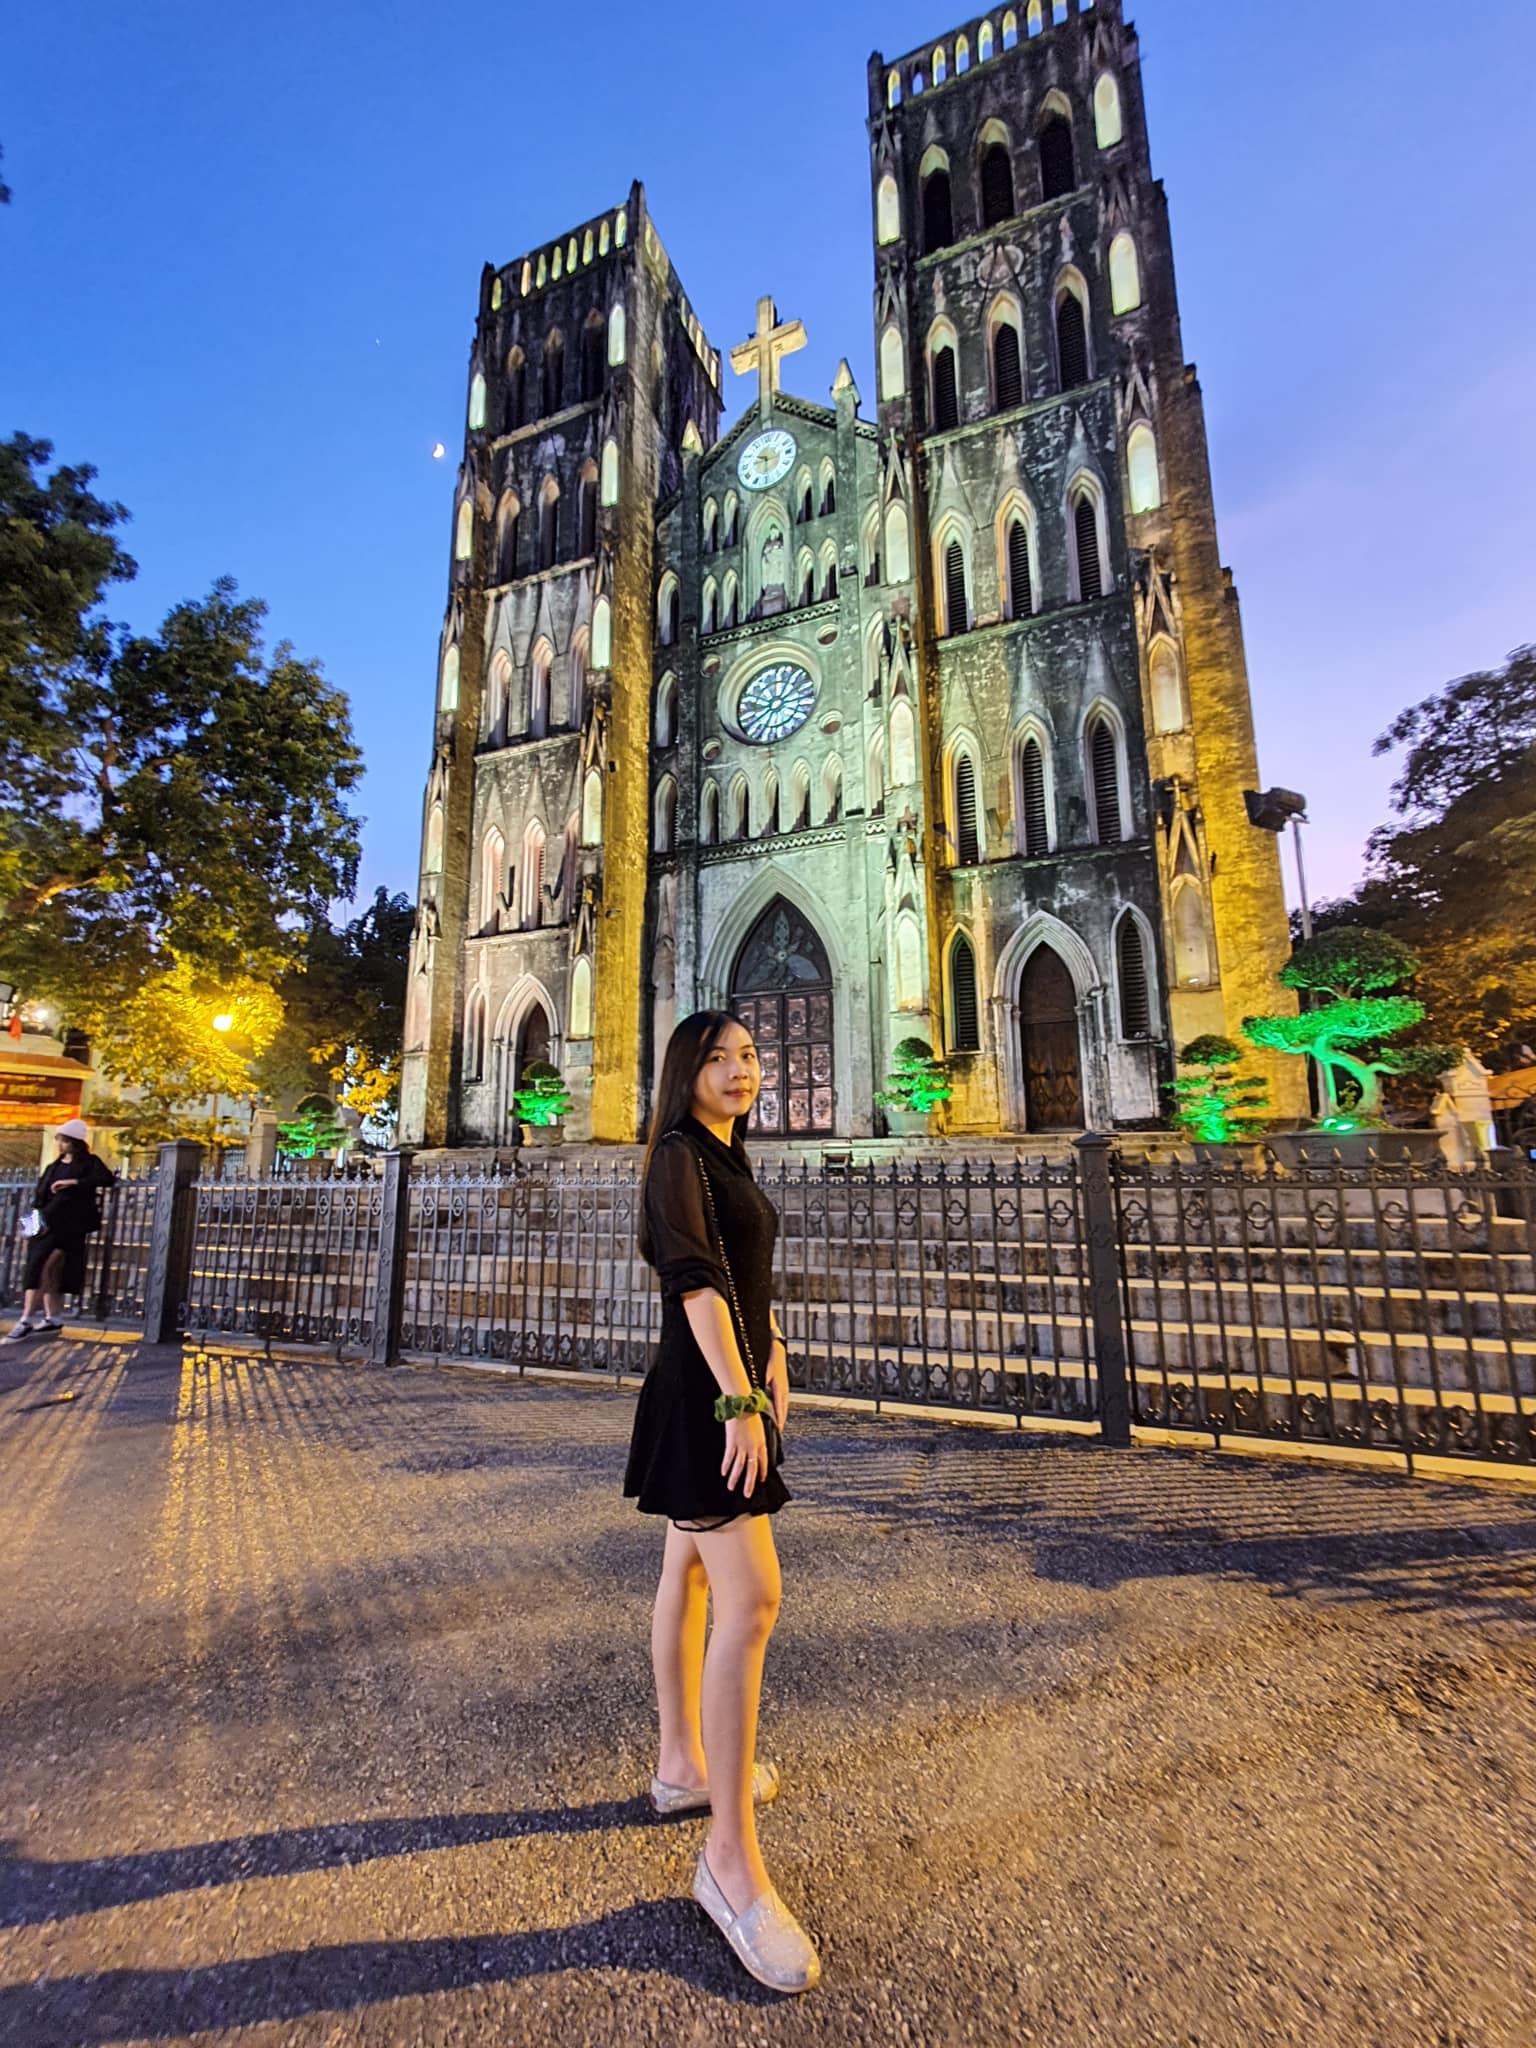 Tham quan Nhà thờ lớn Hà Nội có gì?